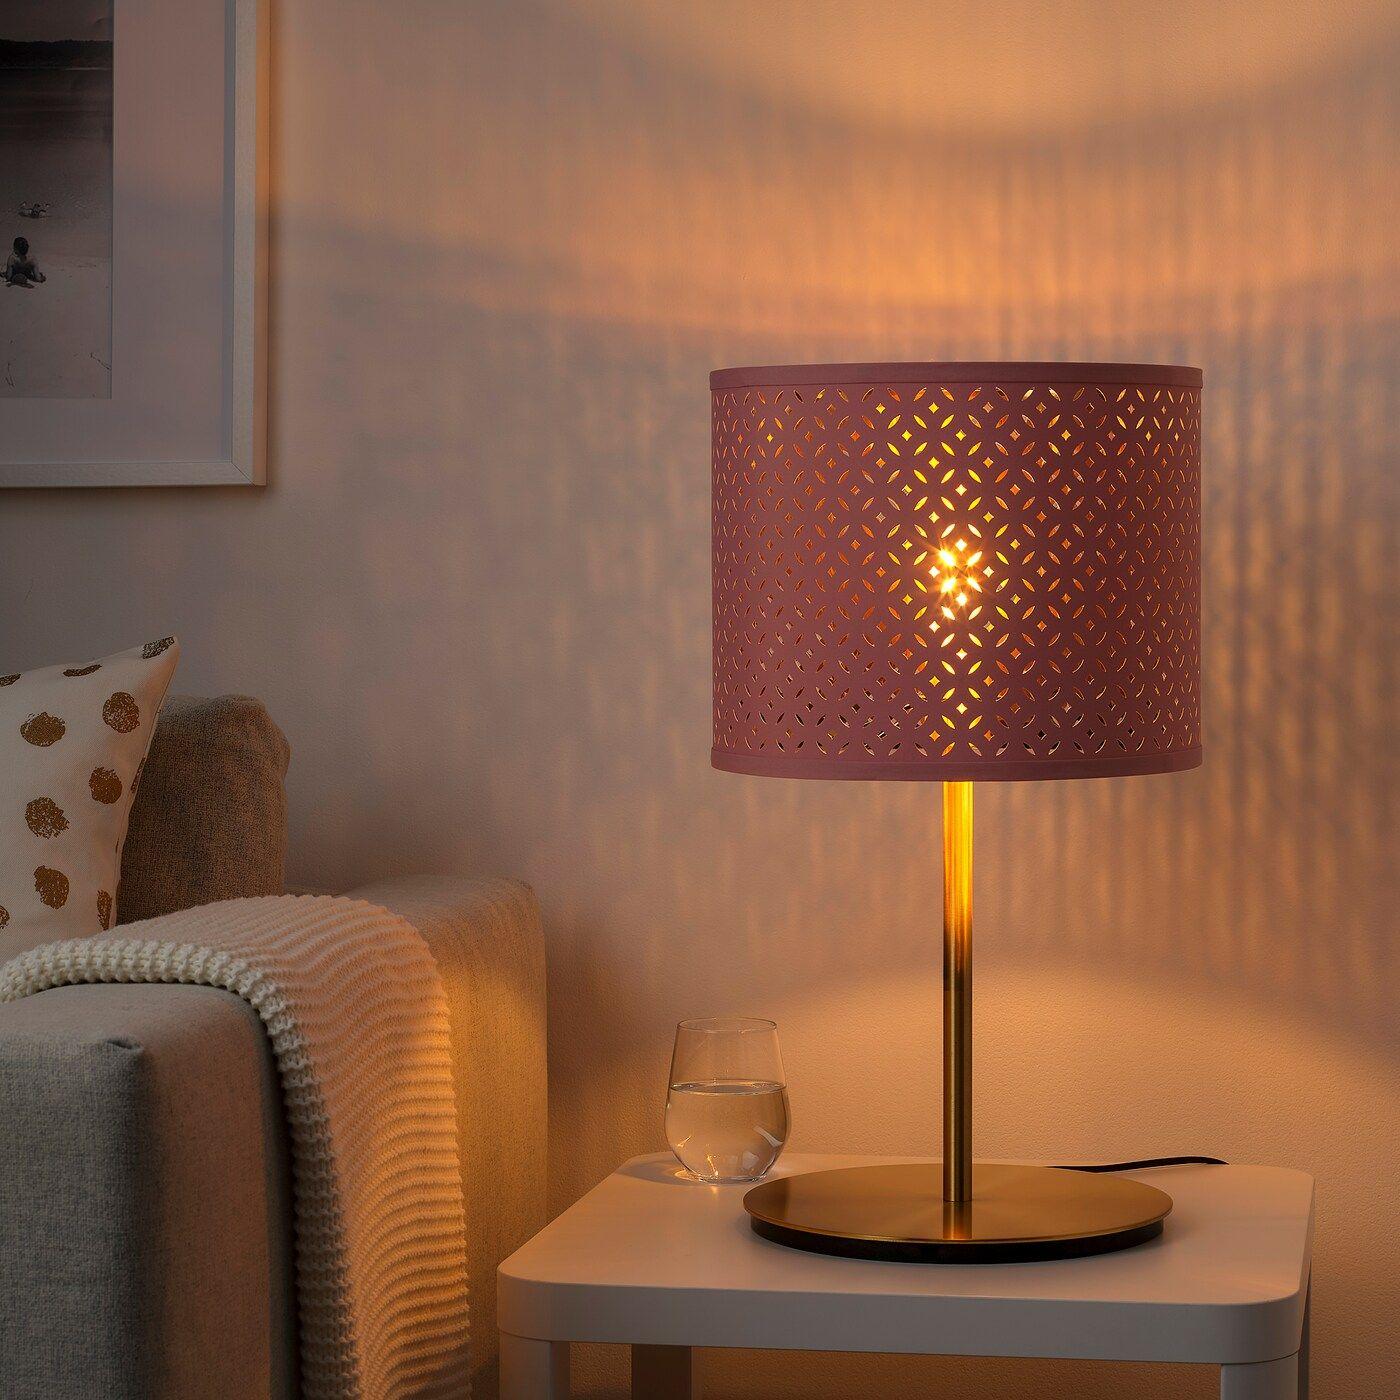 Nymo Skaftet Tischleuchte Dunkelrot Messing Messing Ikea Osterreich In 2020 Lampenschirm Lampentisch Ikea Lampen